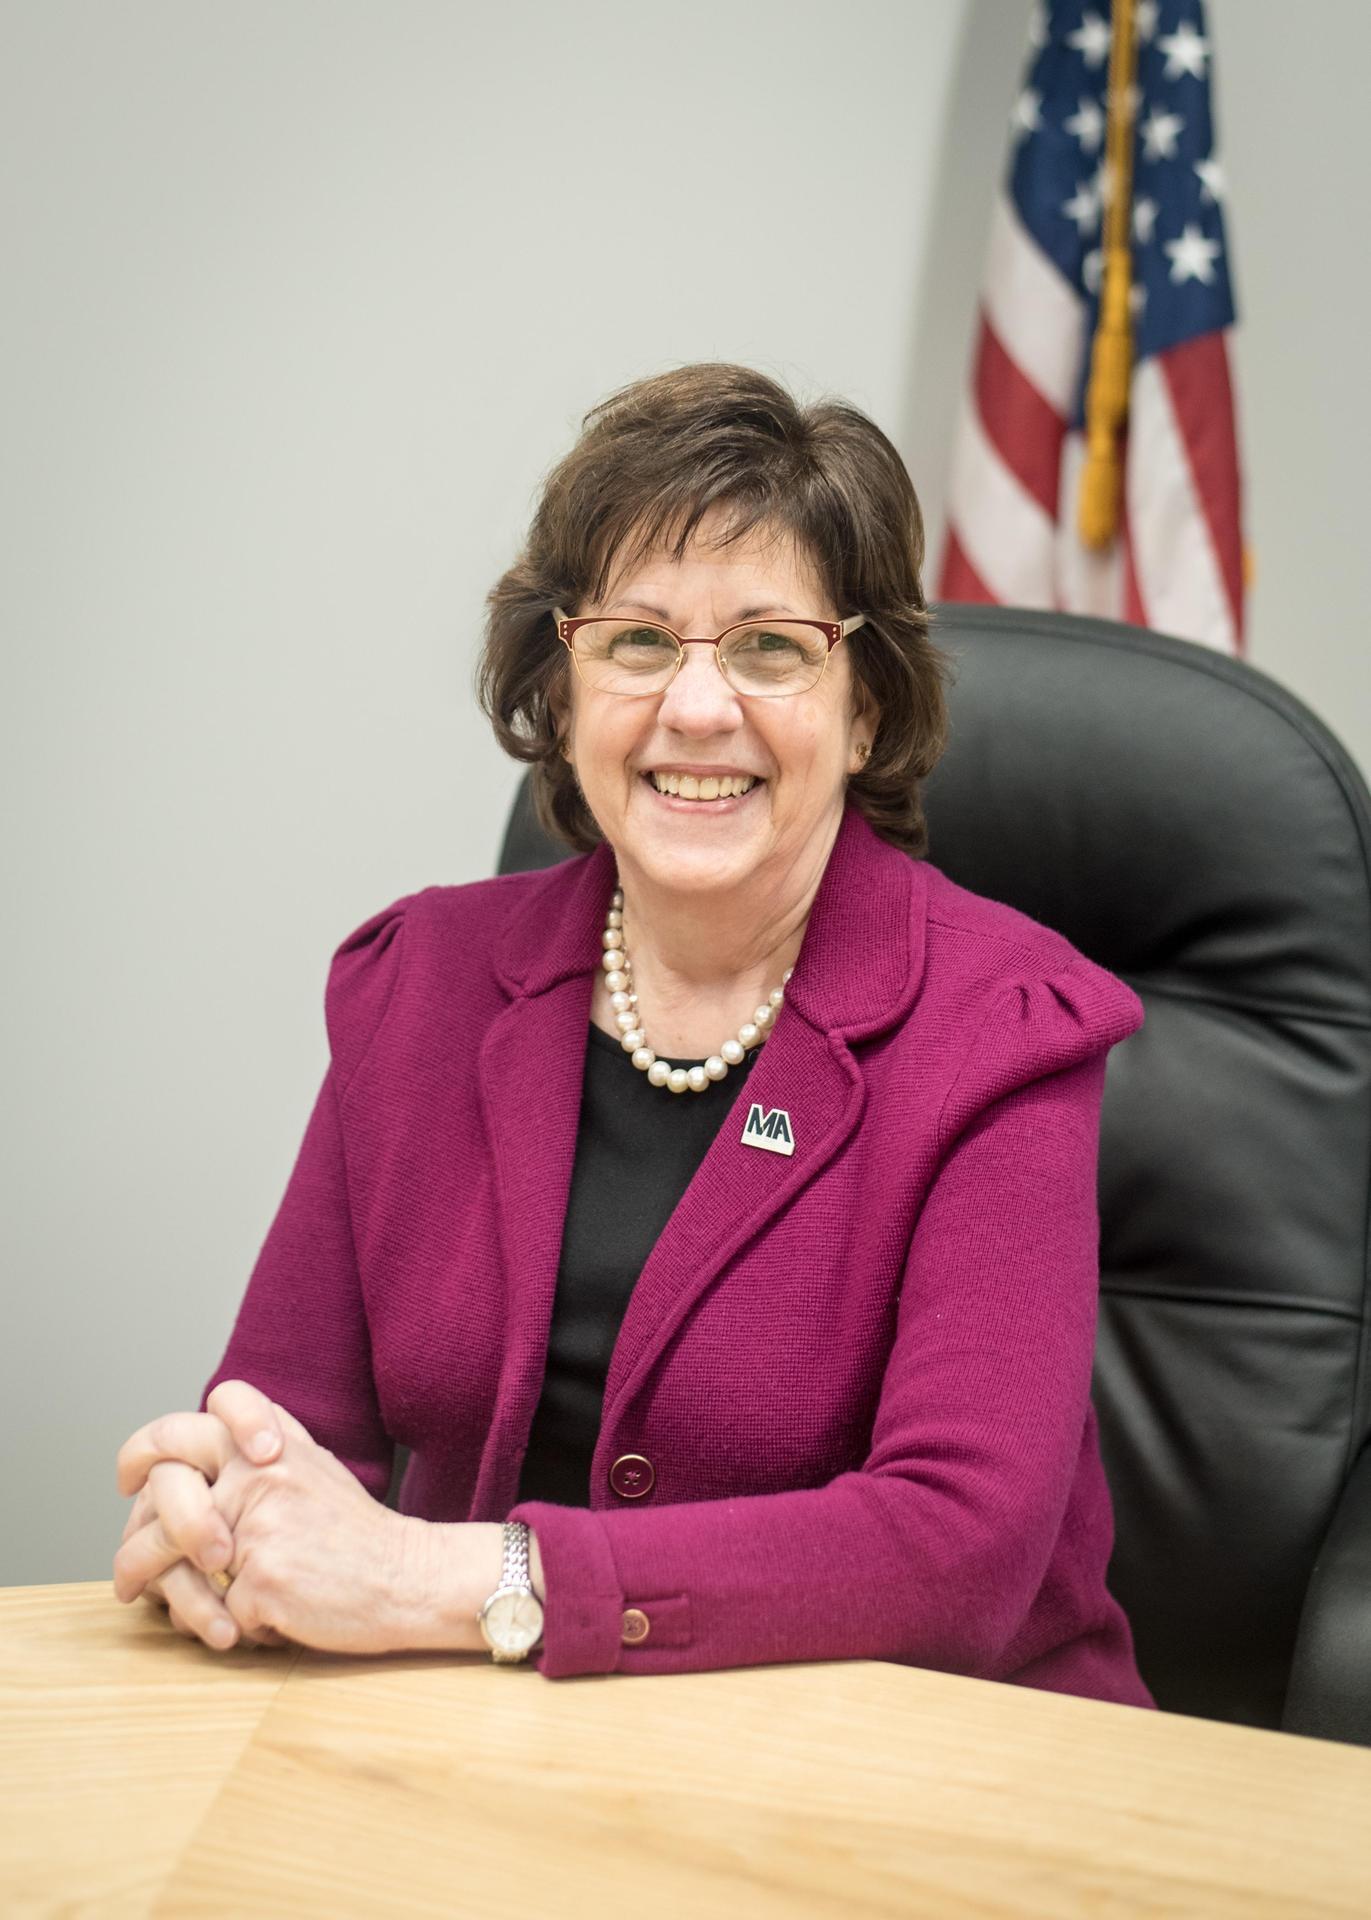 Wendy Carriker